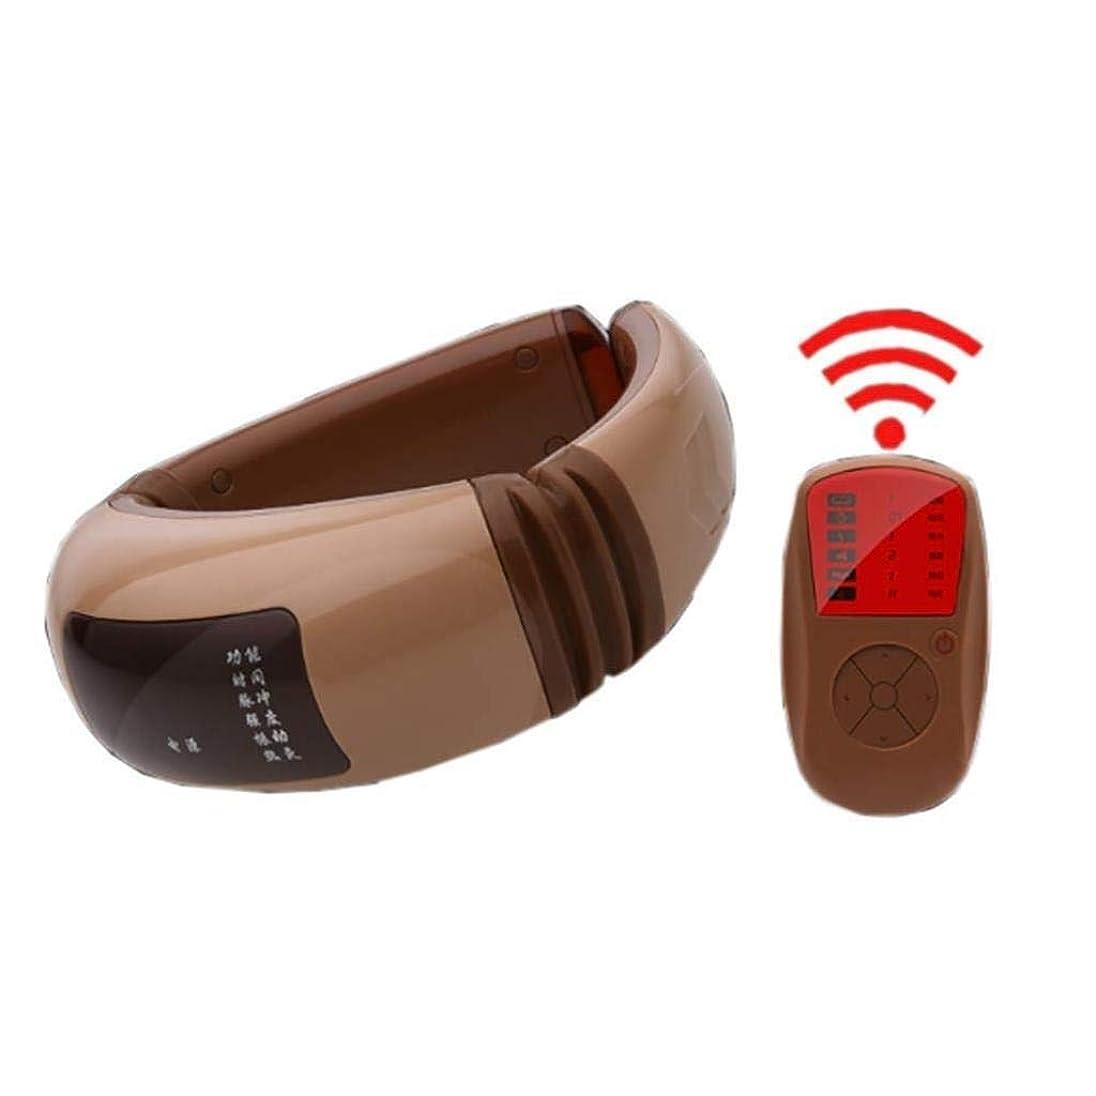 快適ファンタジー異常なマッサージャー、ポータブルスマートネック振動マッサージャー、USB充電、デジタルディスプレイ、車のホームオフィスで使用